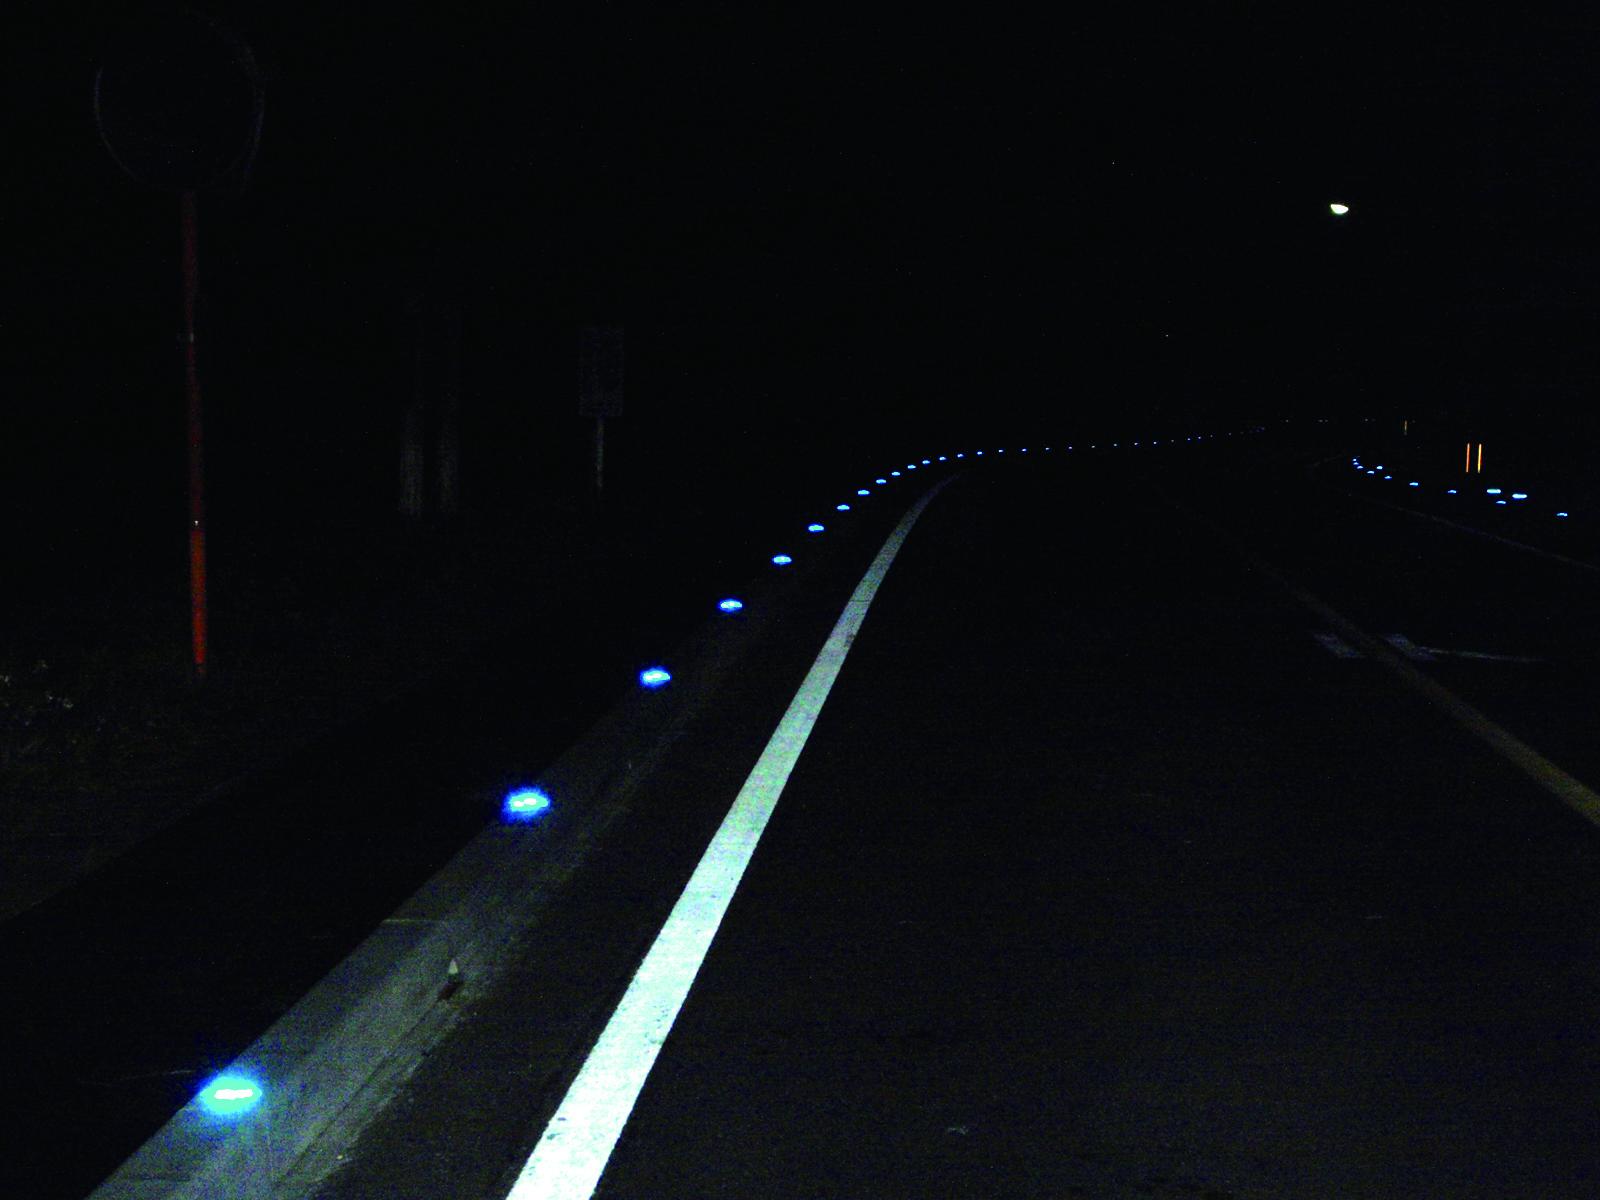 近〜遠距離まで視線誘導する縁石用道路鋲